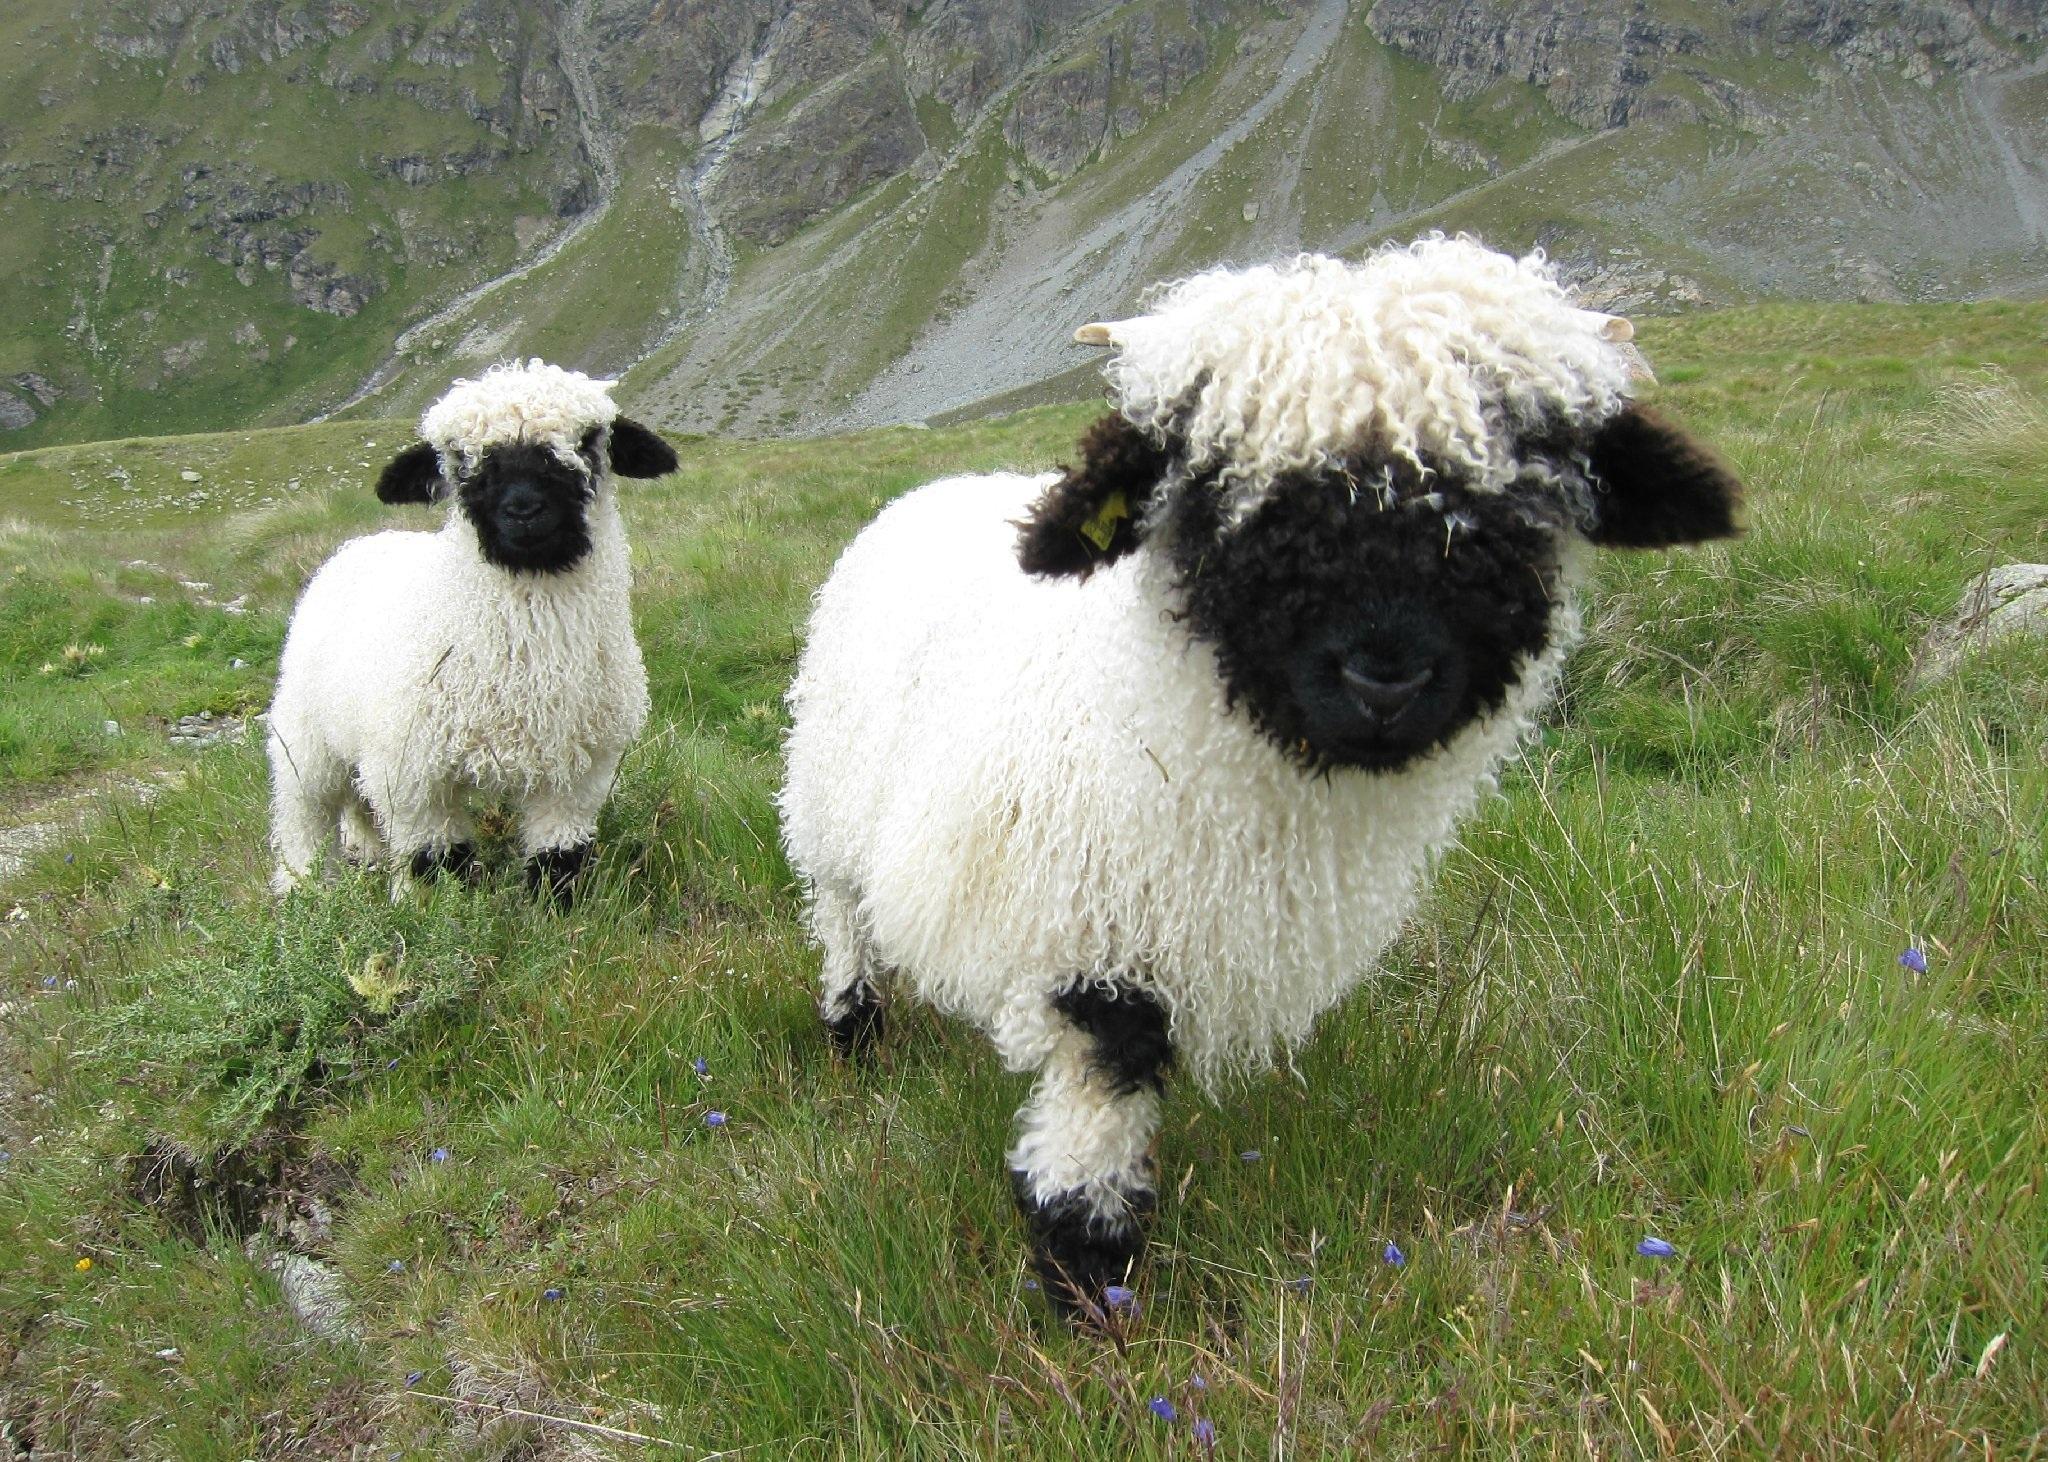 逆袭 草泥马 的萌宠 瓦莱黑鼻羊